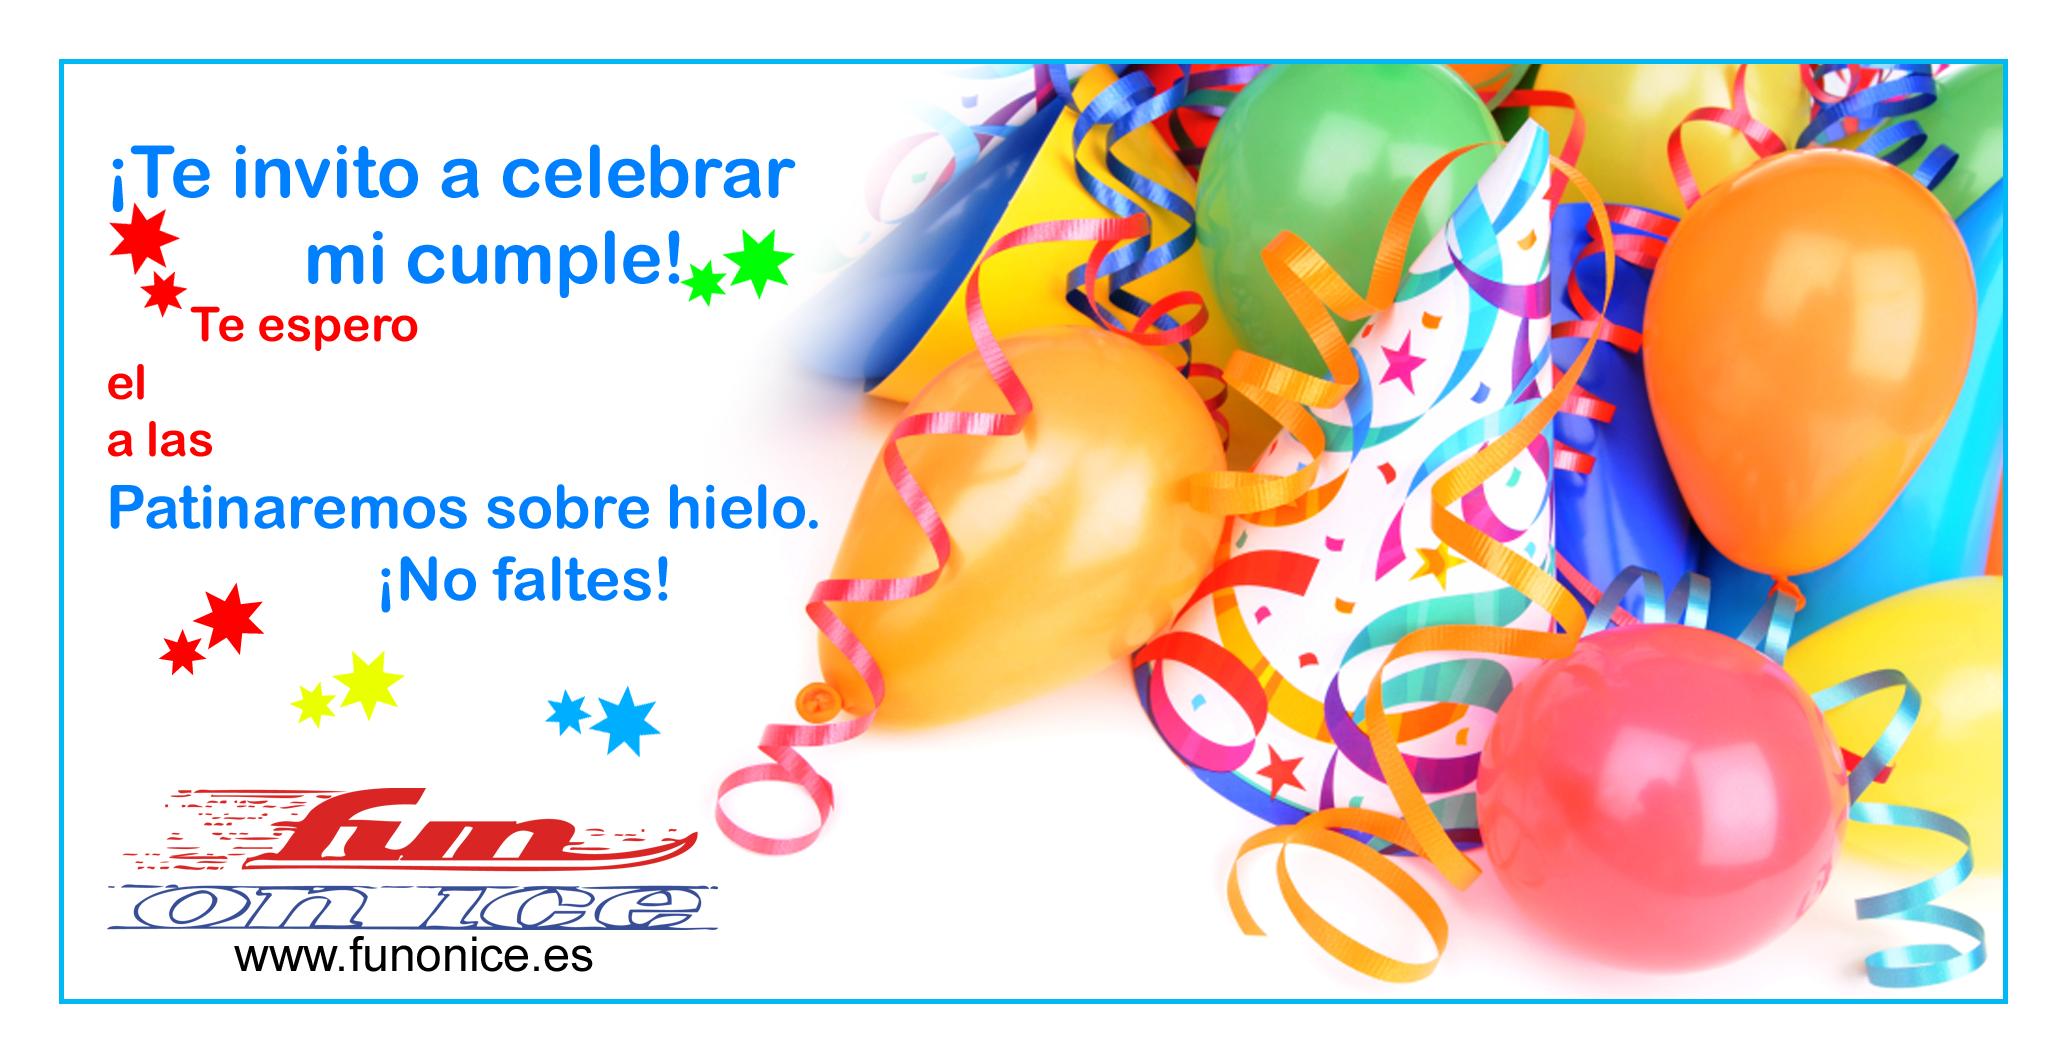 Invitaciones De Cumpleaños Virtuales - Wallpaper Hd Para Bajar ...